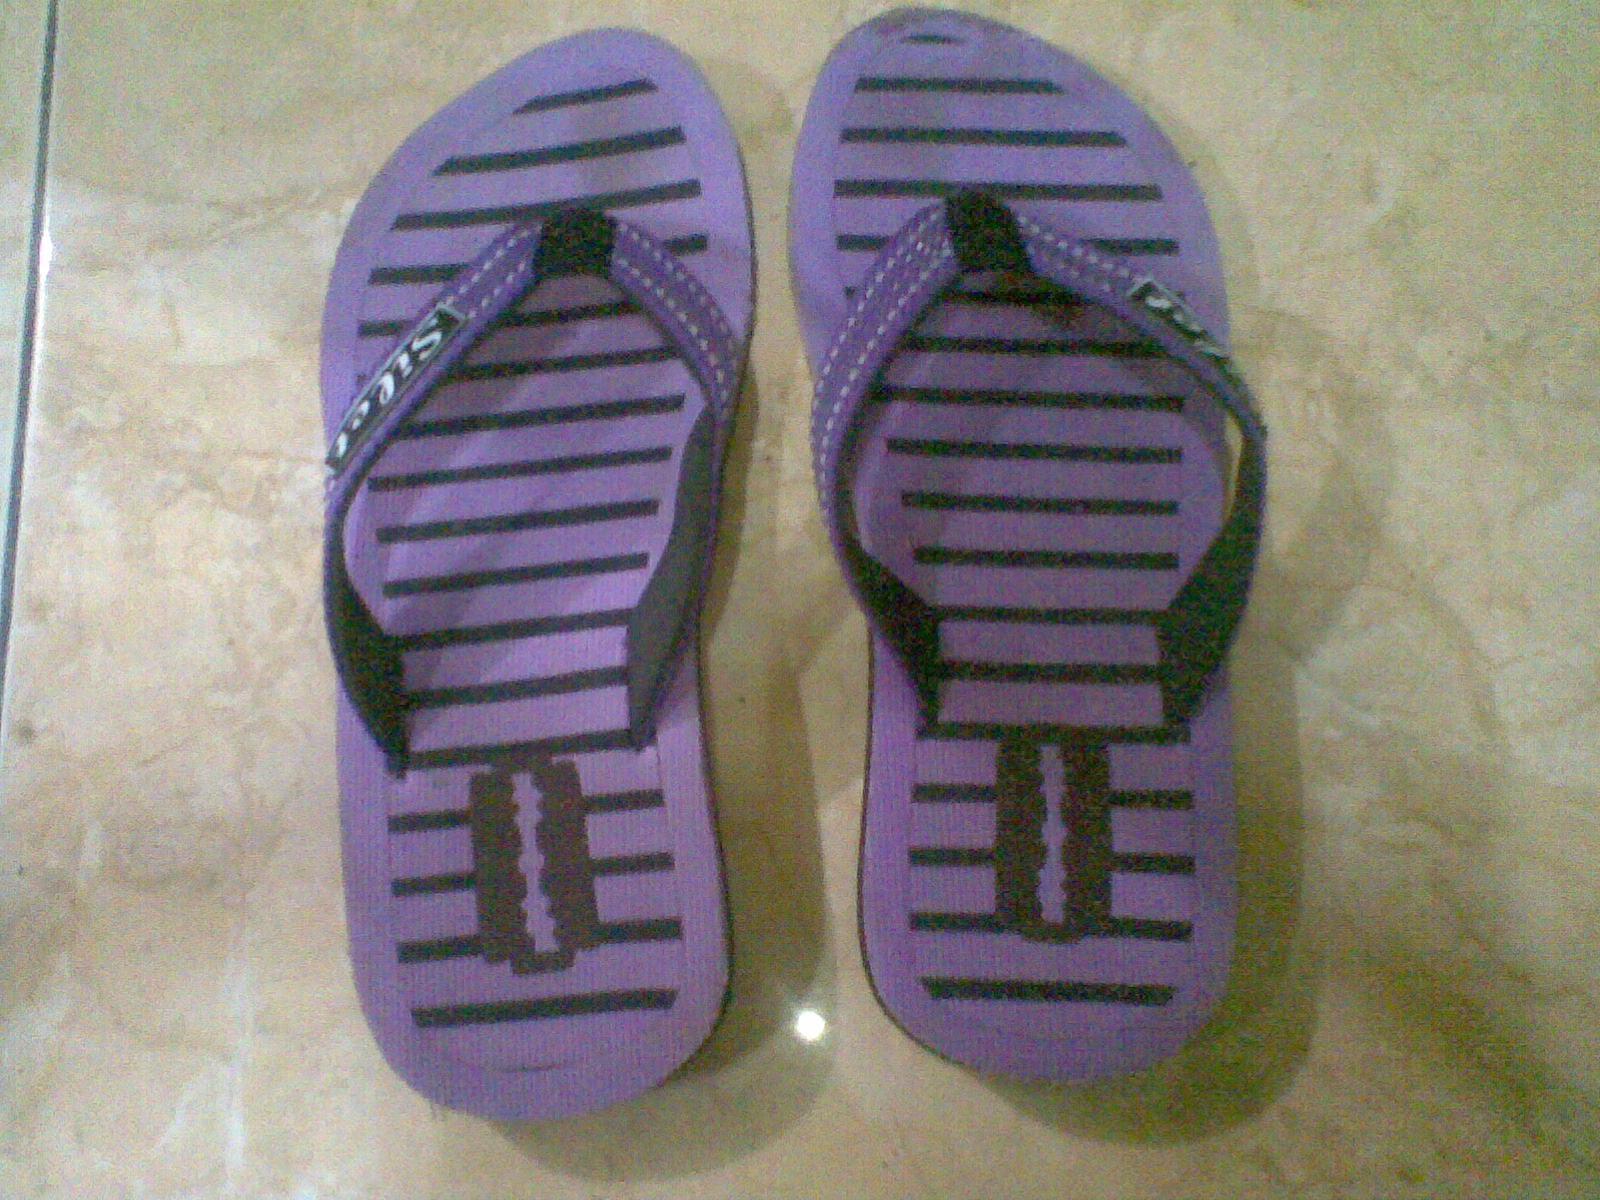 Jual sandal wanita anak-anak pria murah grosir